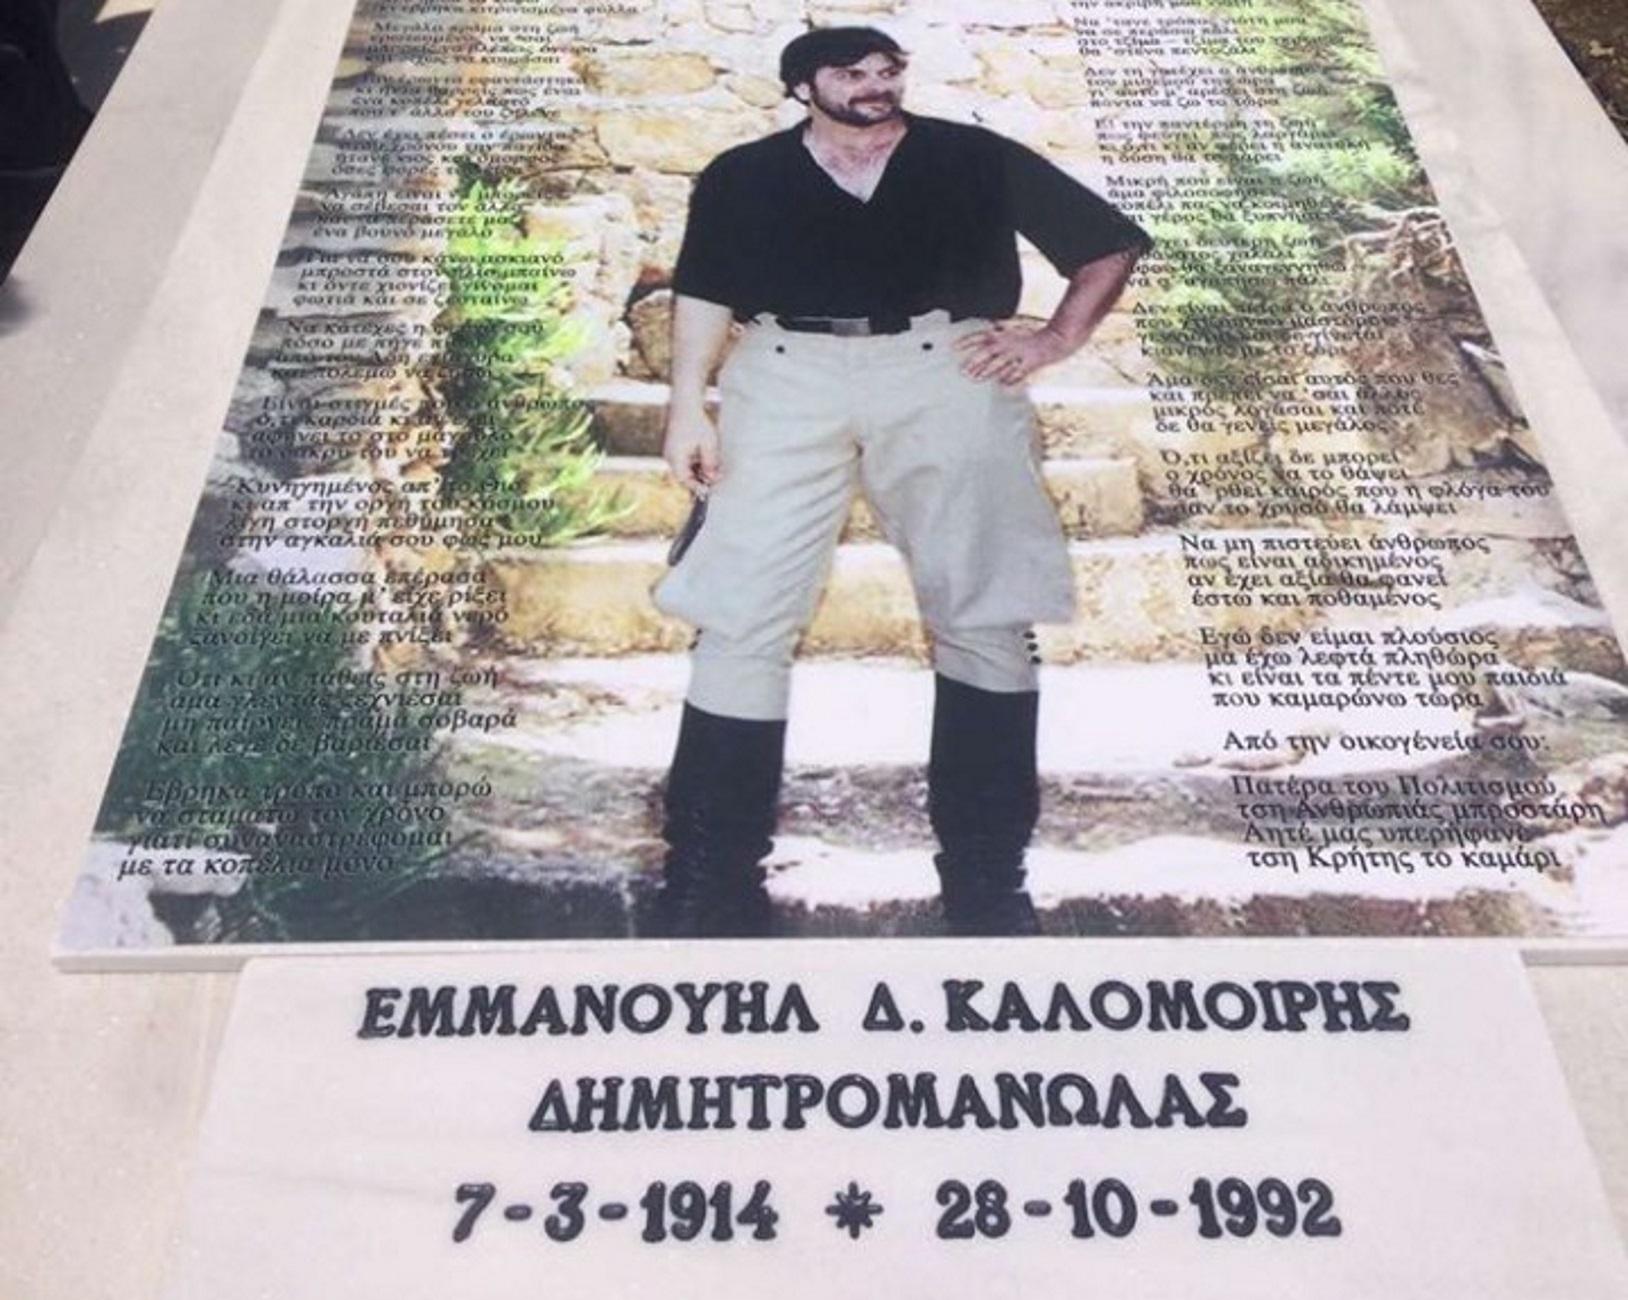 Ανώγεια: Μηνύσεις για τη βεβήλωση του τάφου του Λευτέρη Καλομοίρη! Η αντίδραση της οικογένειας Ξυλούρη